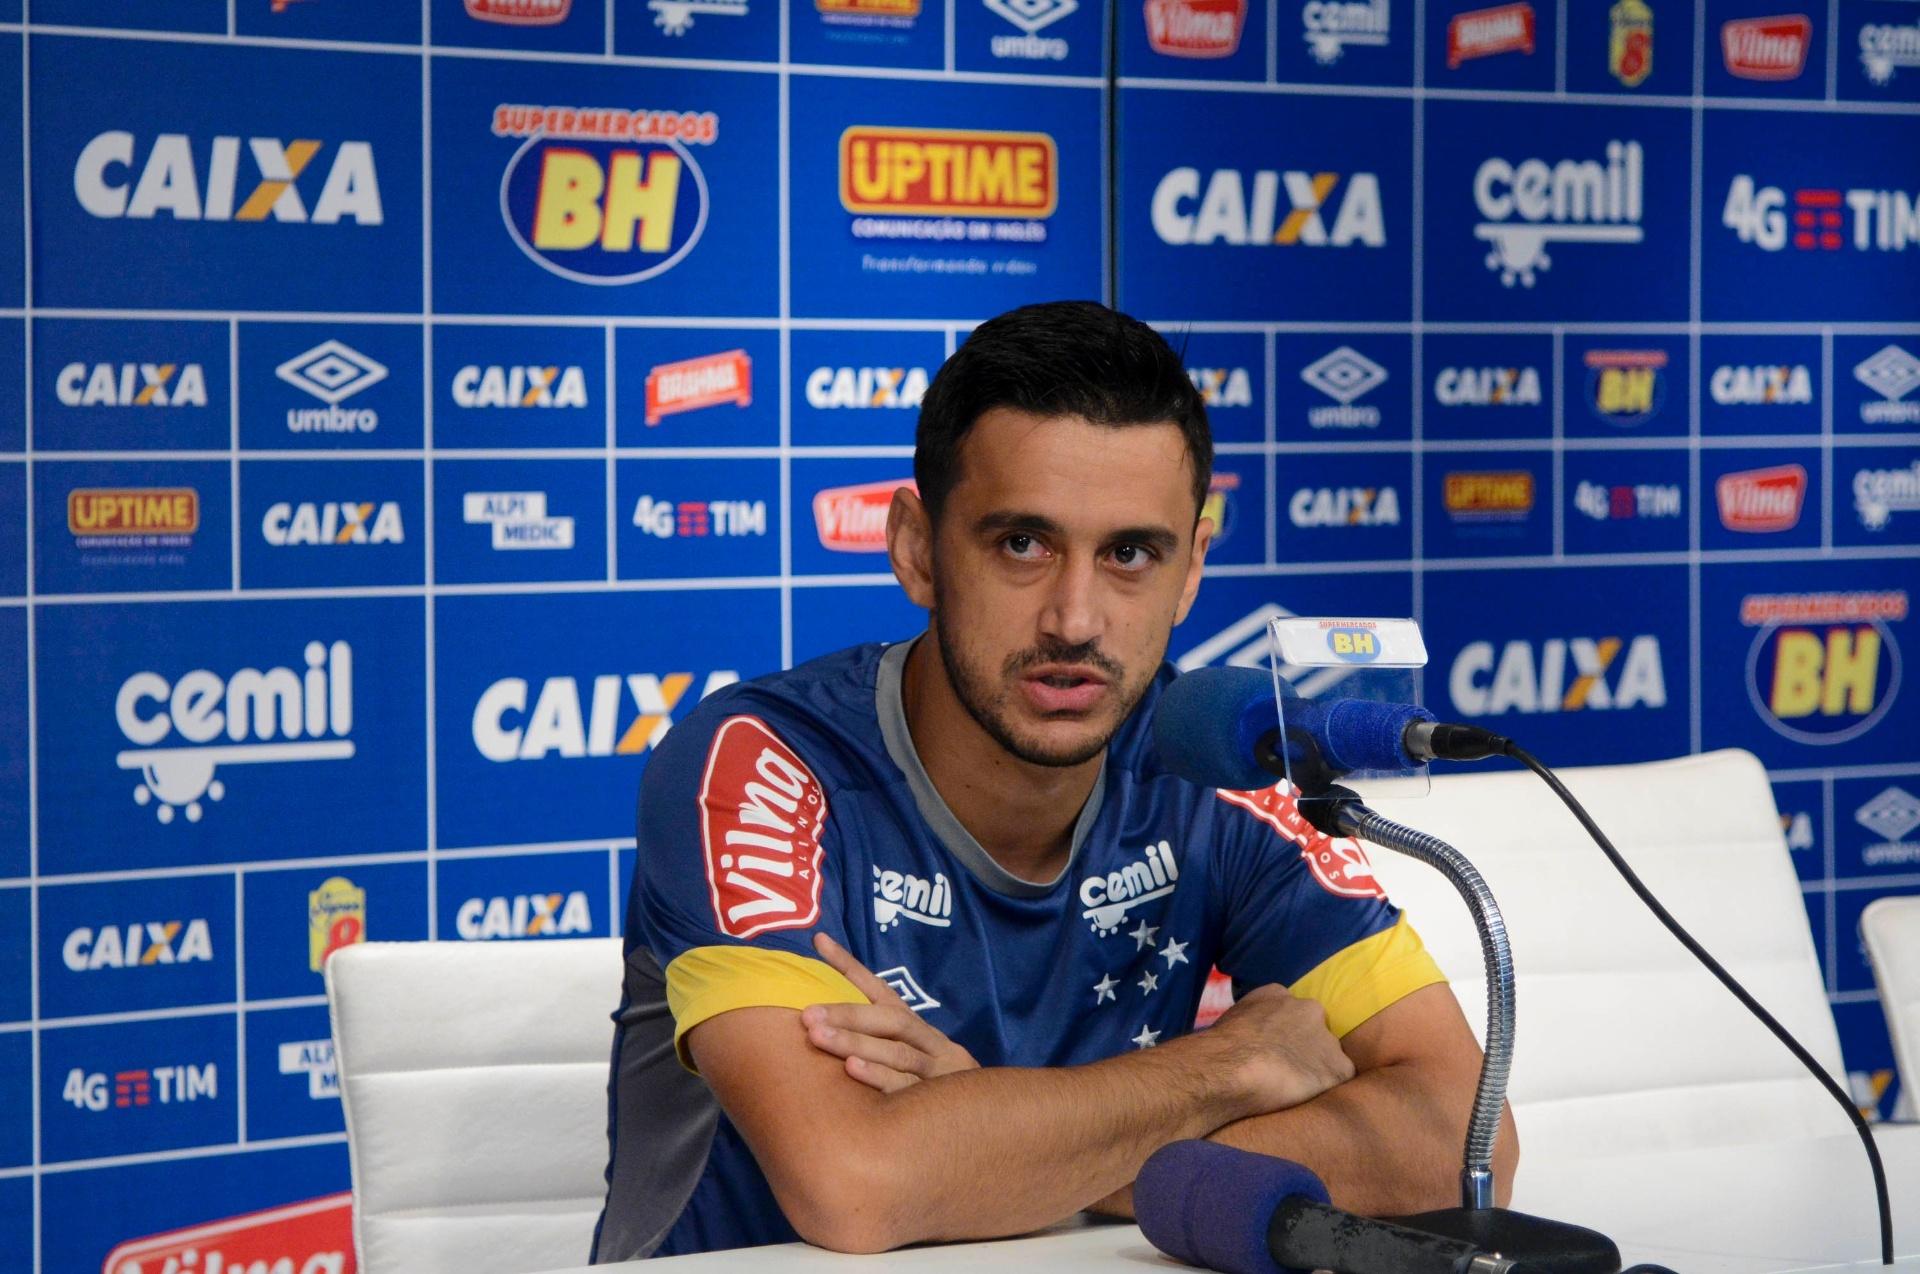 Cruzeiro já estuda contratar e manter Robinho para depois de 2017 -  27 10 2016 - UOL Esporte e4358b94f6fab